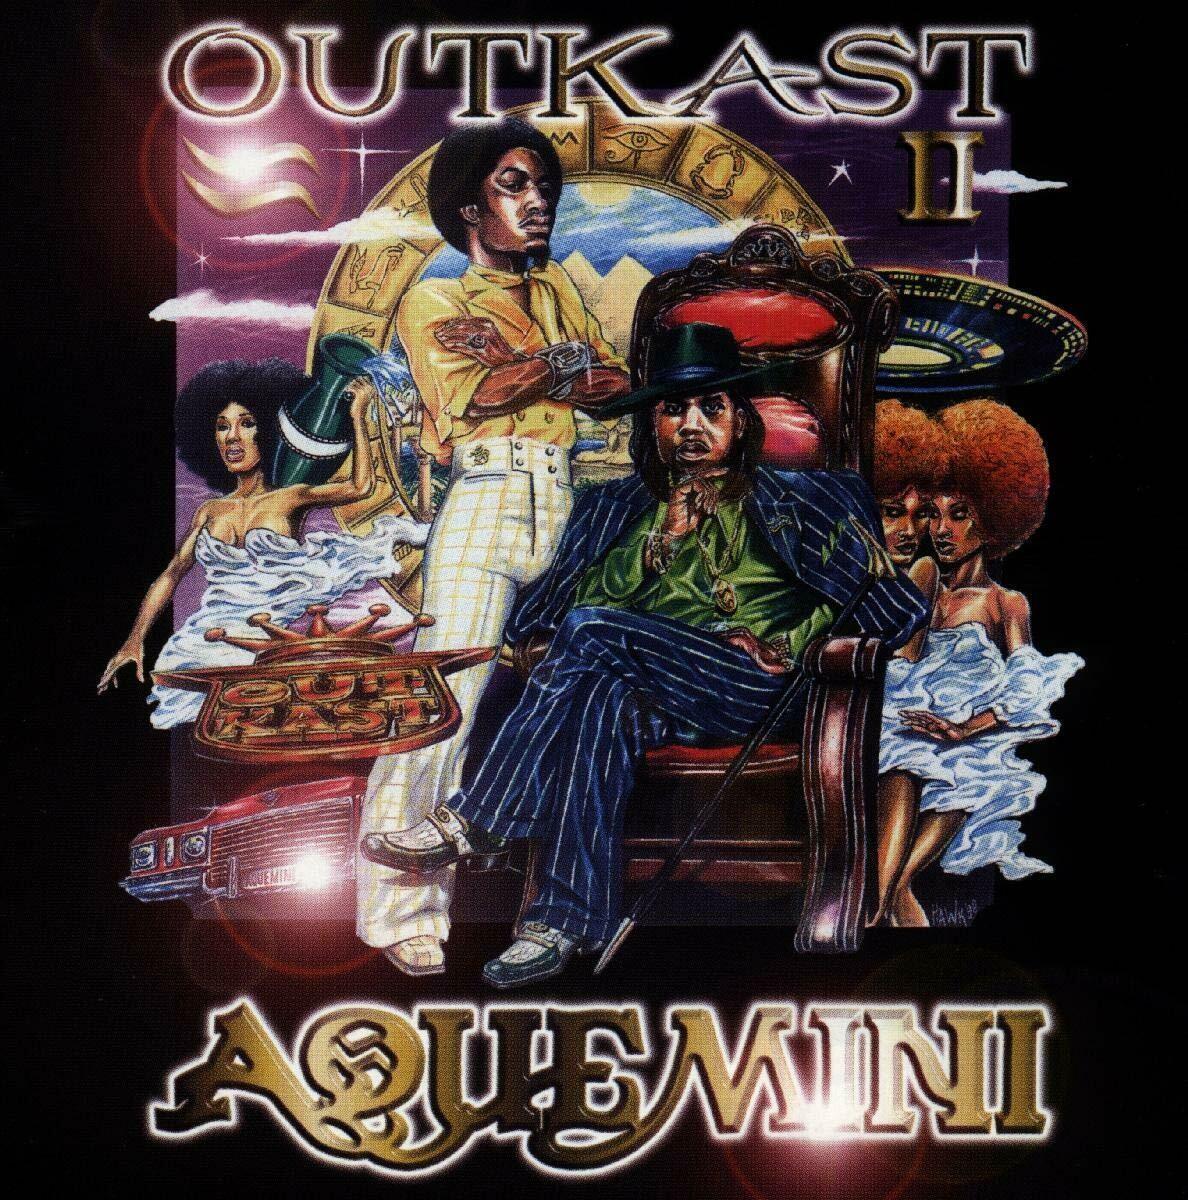 Outkast / Aquemini